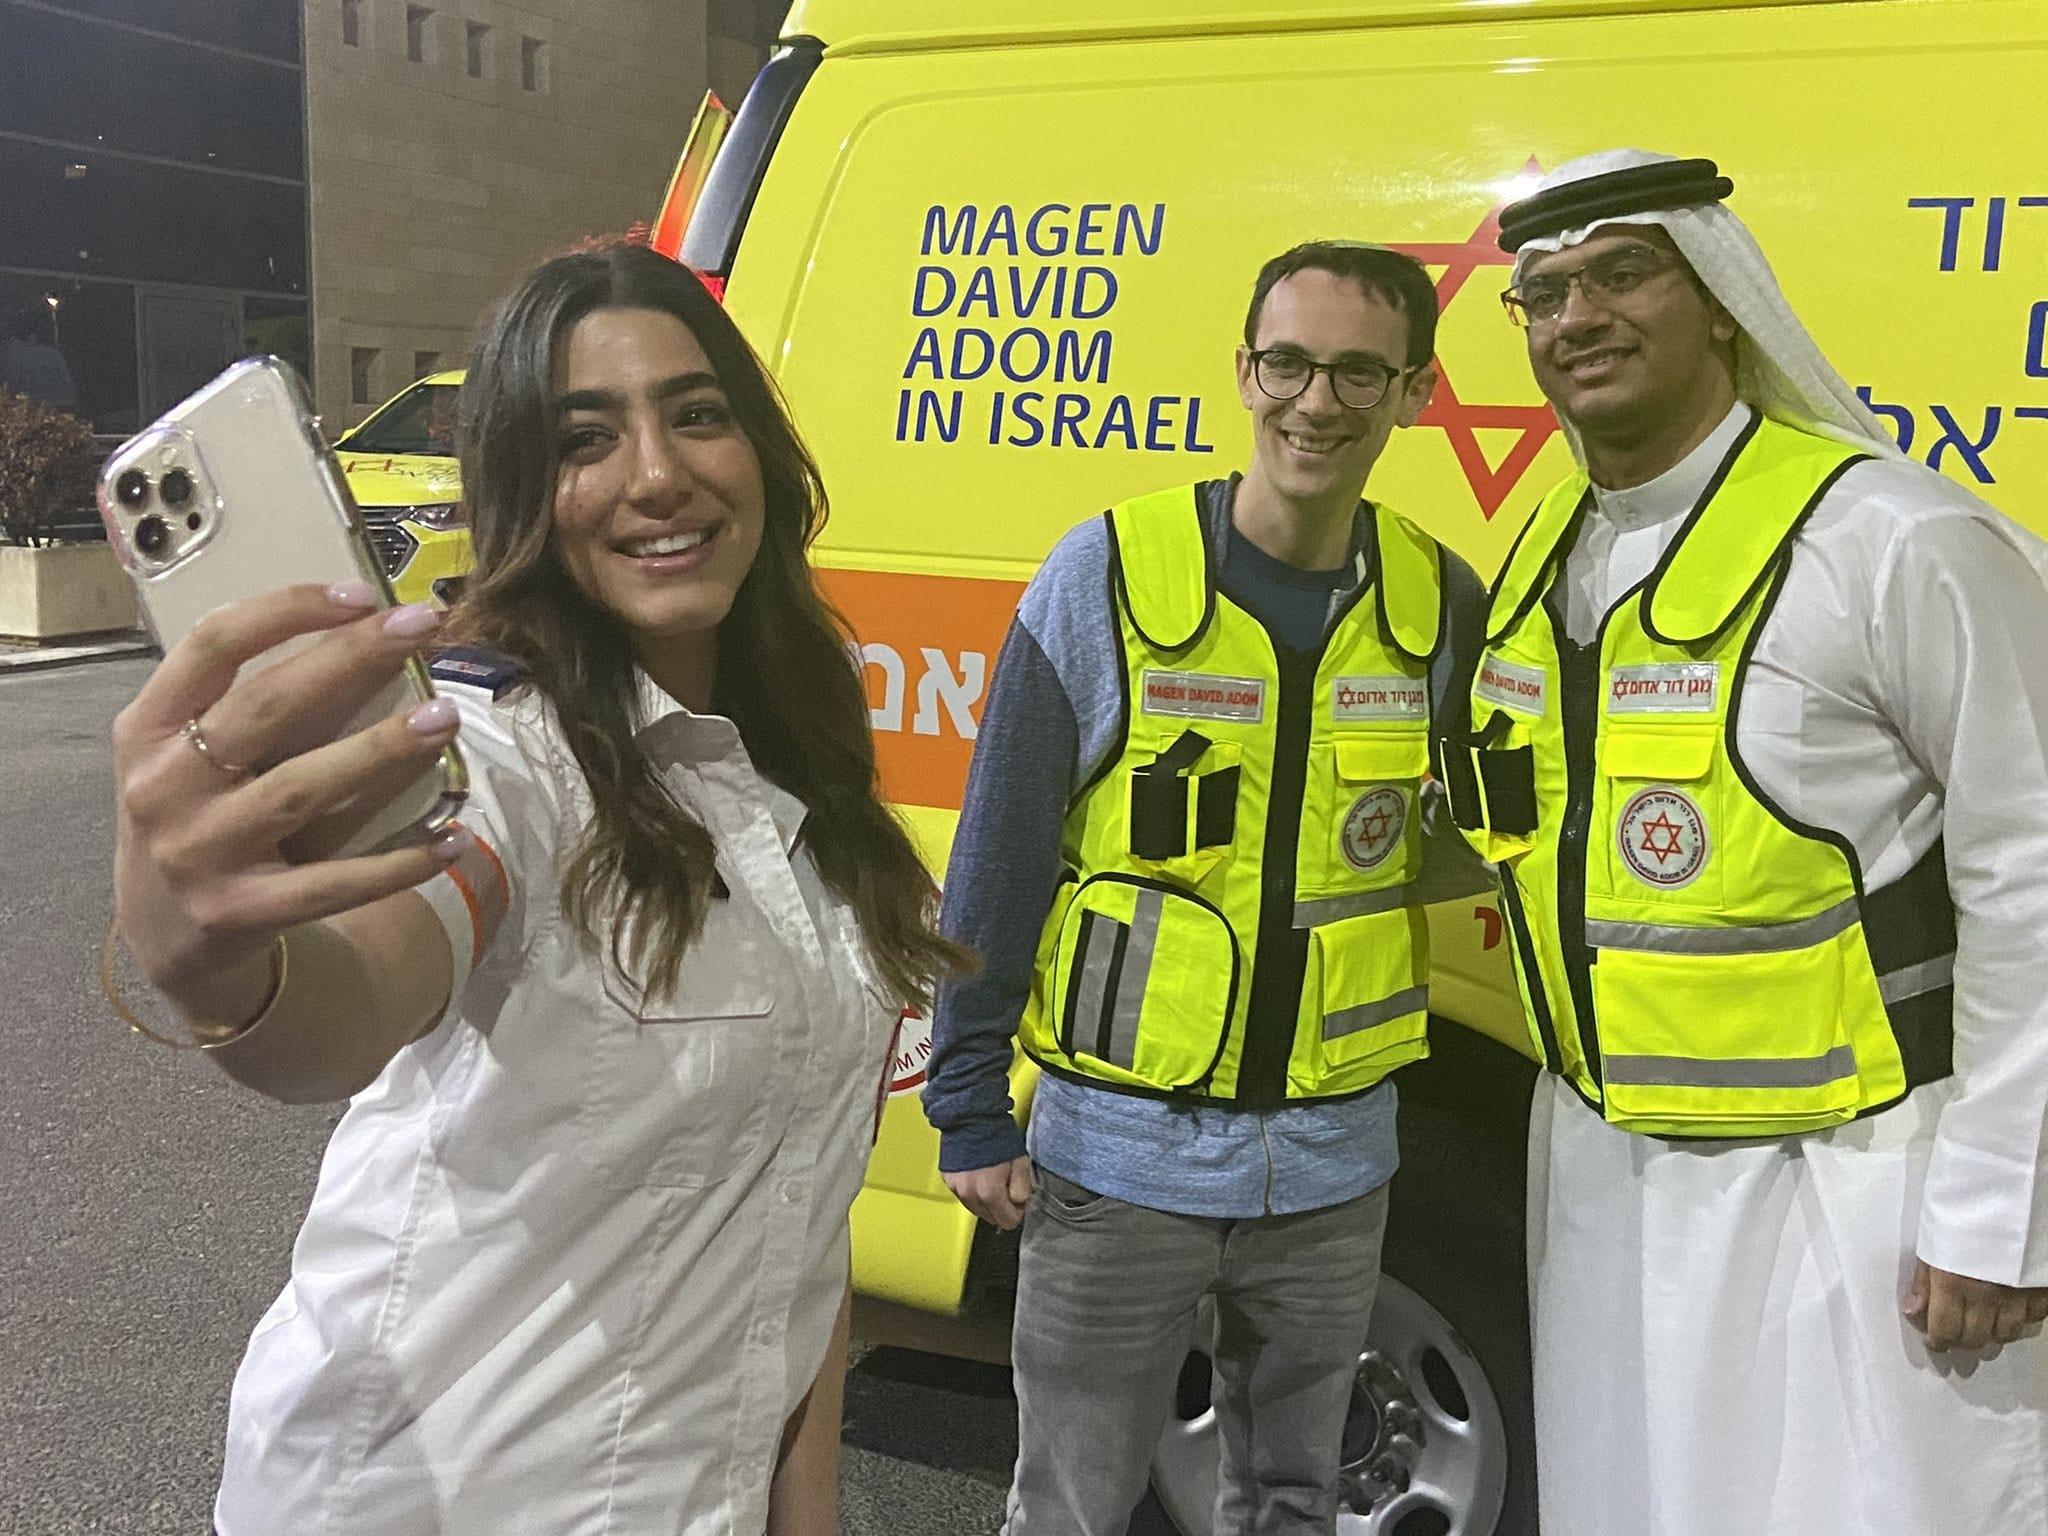 مغاربة وإماراتيون في فيلم ترويجي للتطبيع مع إسرائيل تحت رعاية نجمة داوود الحمراء (شاهد)